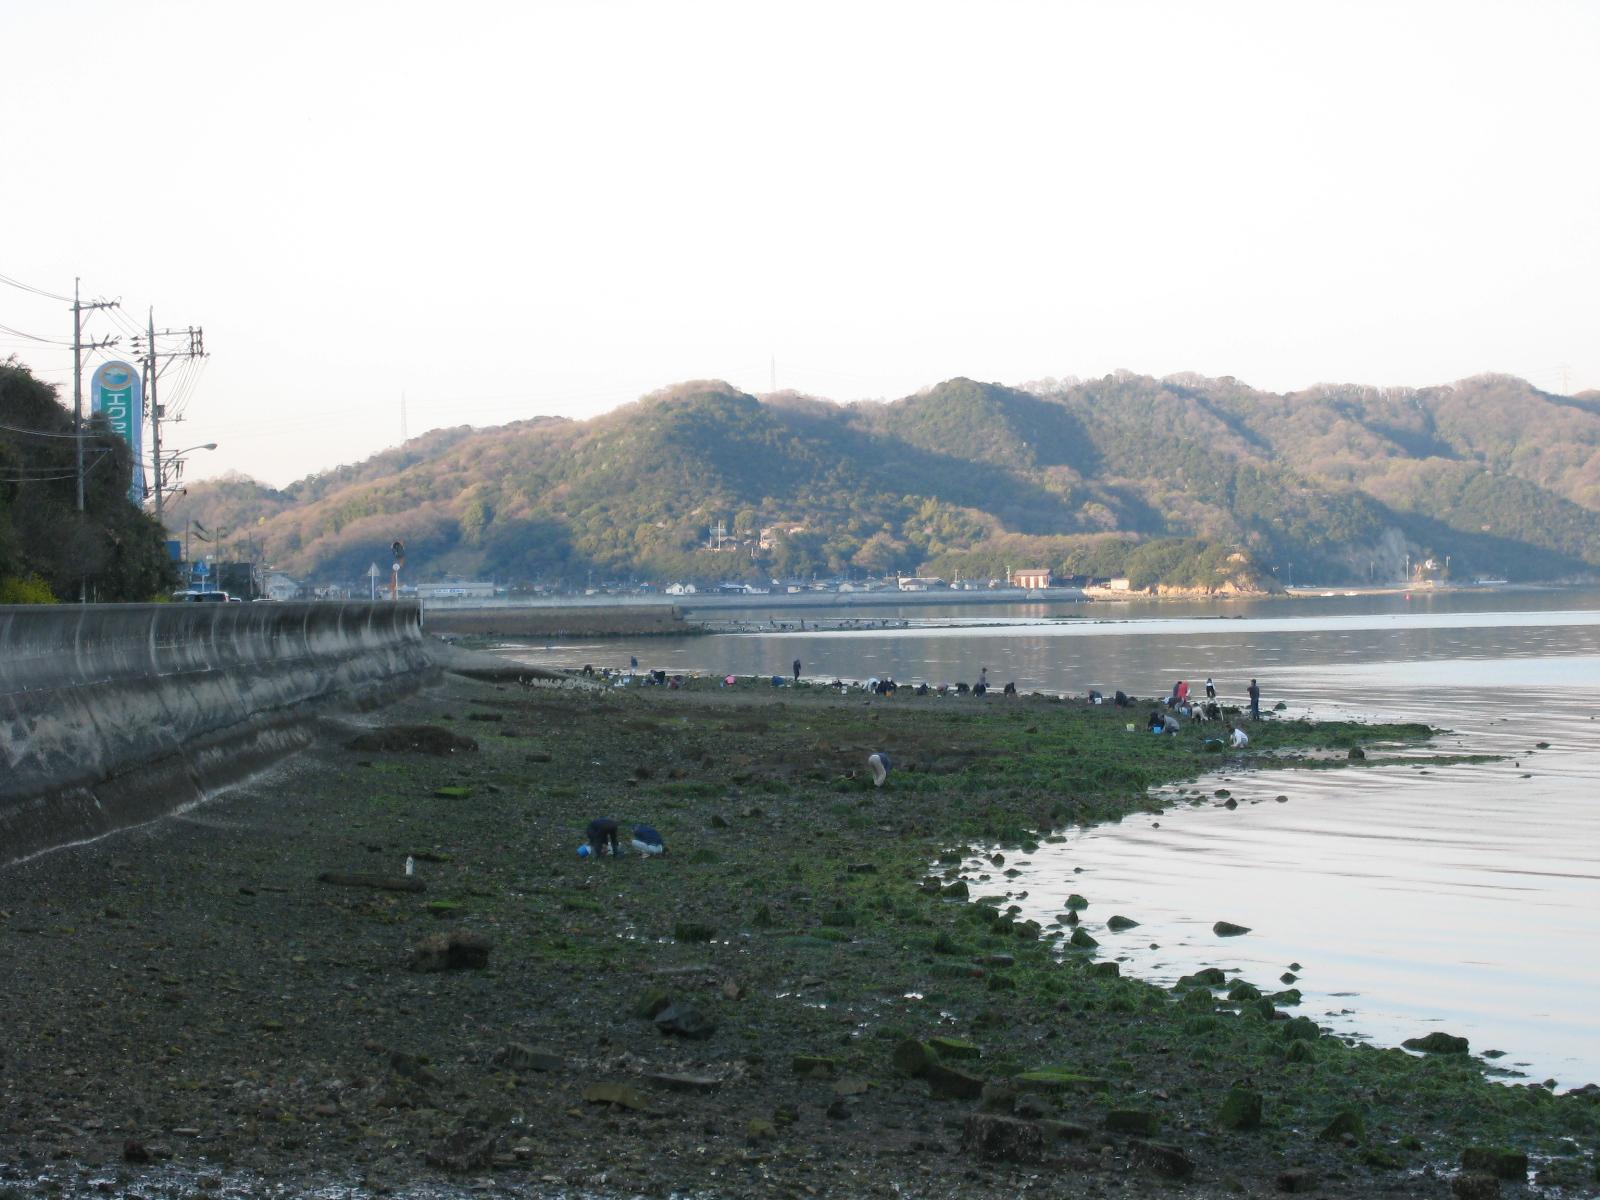 福山市田尻町で潮干狩り~アサリをあっさり獲る5つのコツ~